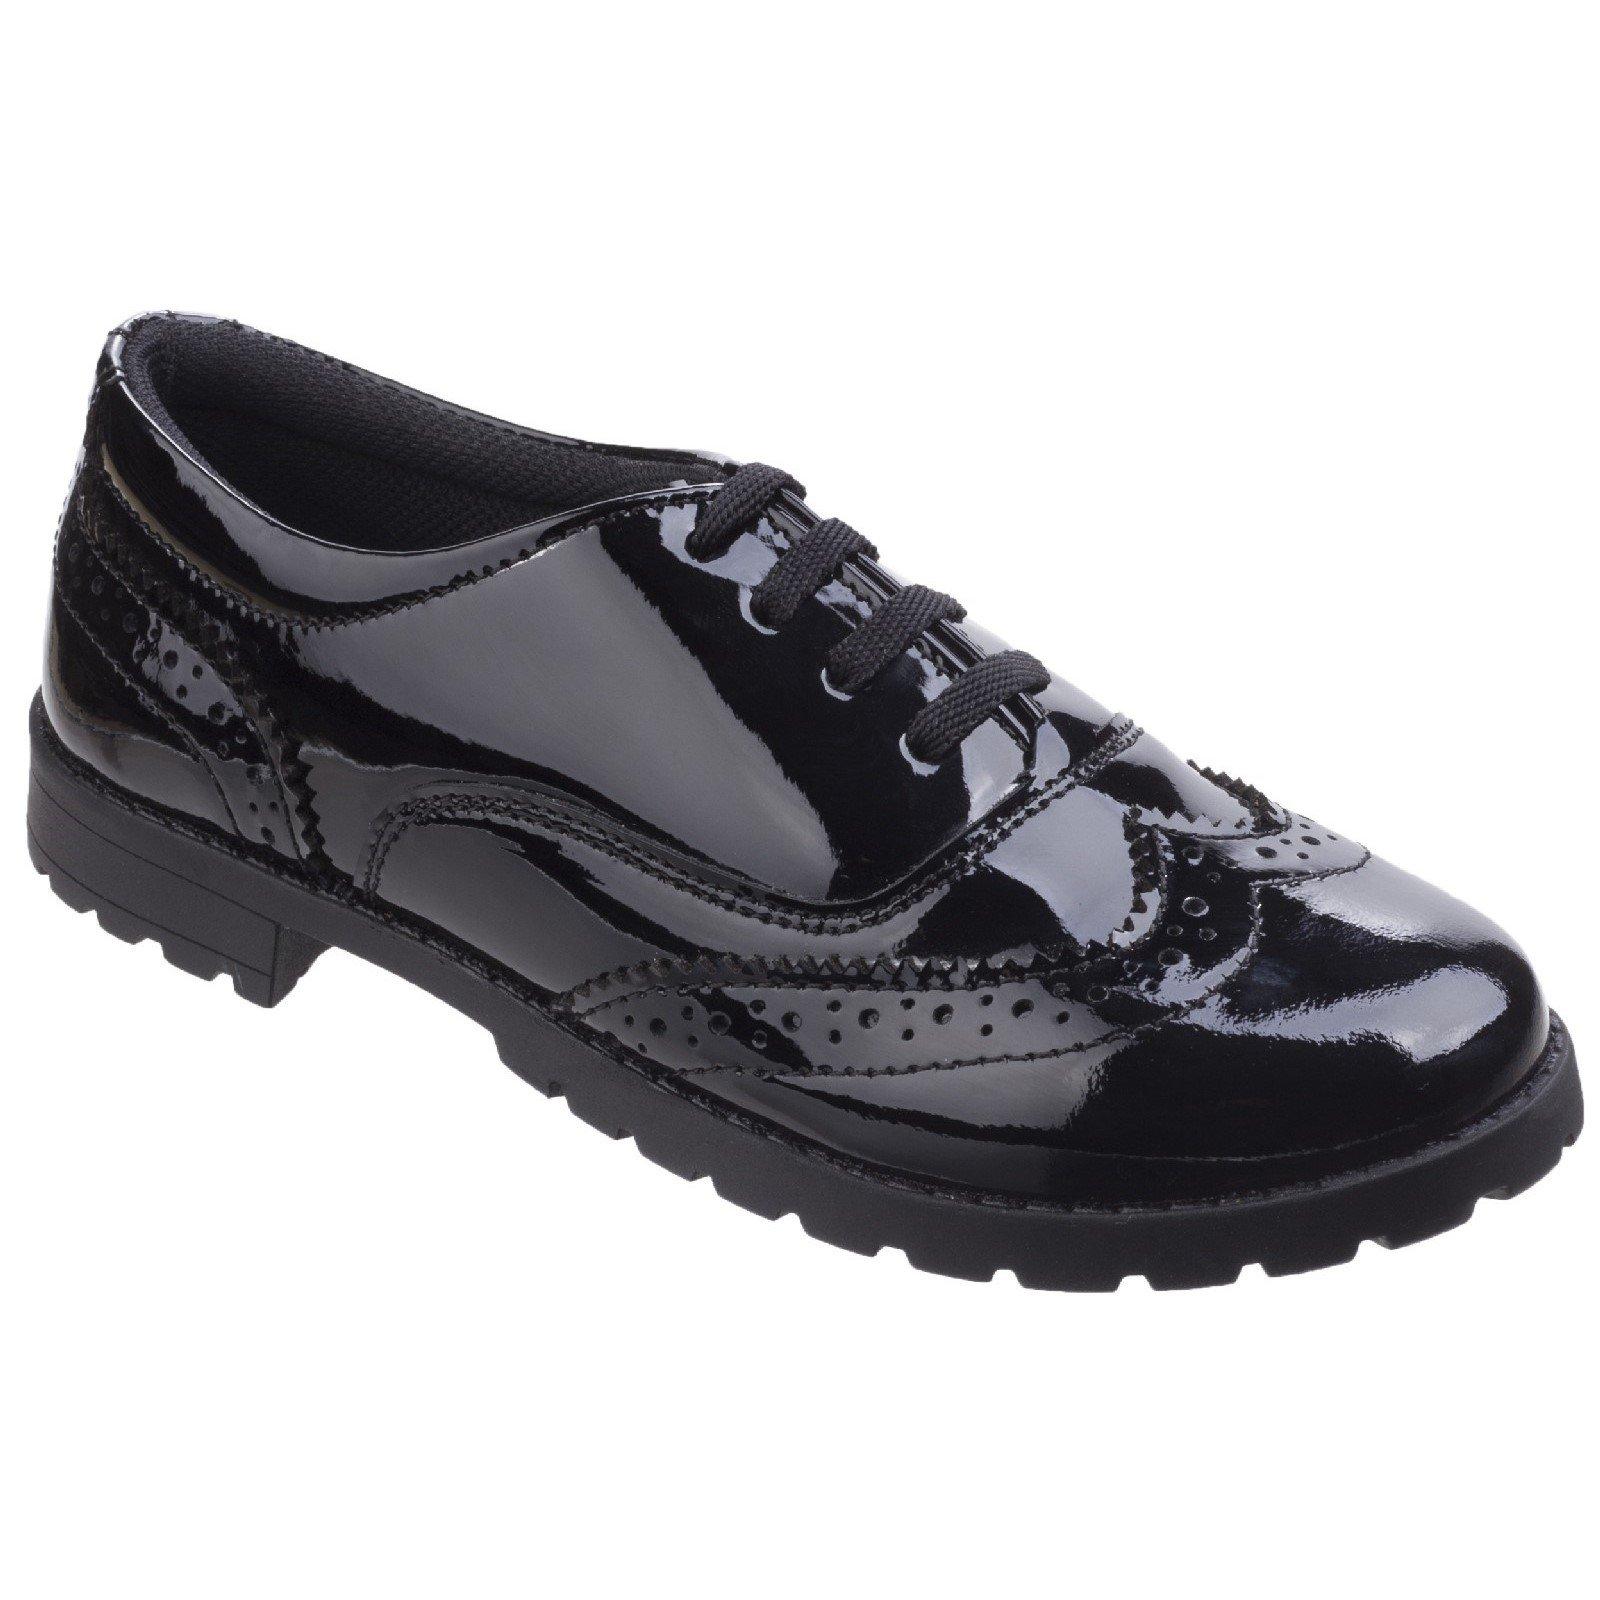 Hush Puppies Kid's Eadie Junior Patent School Shoe Black 32734 - Patent Black 11